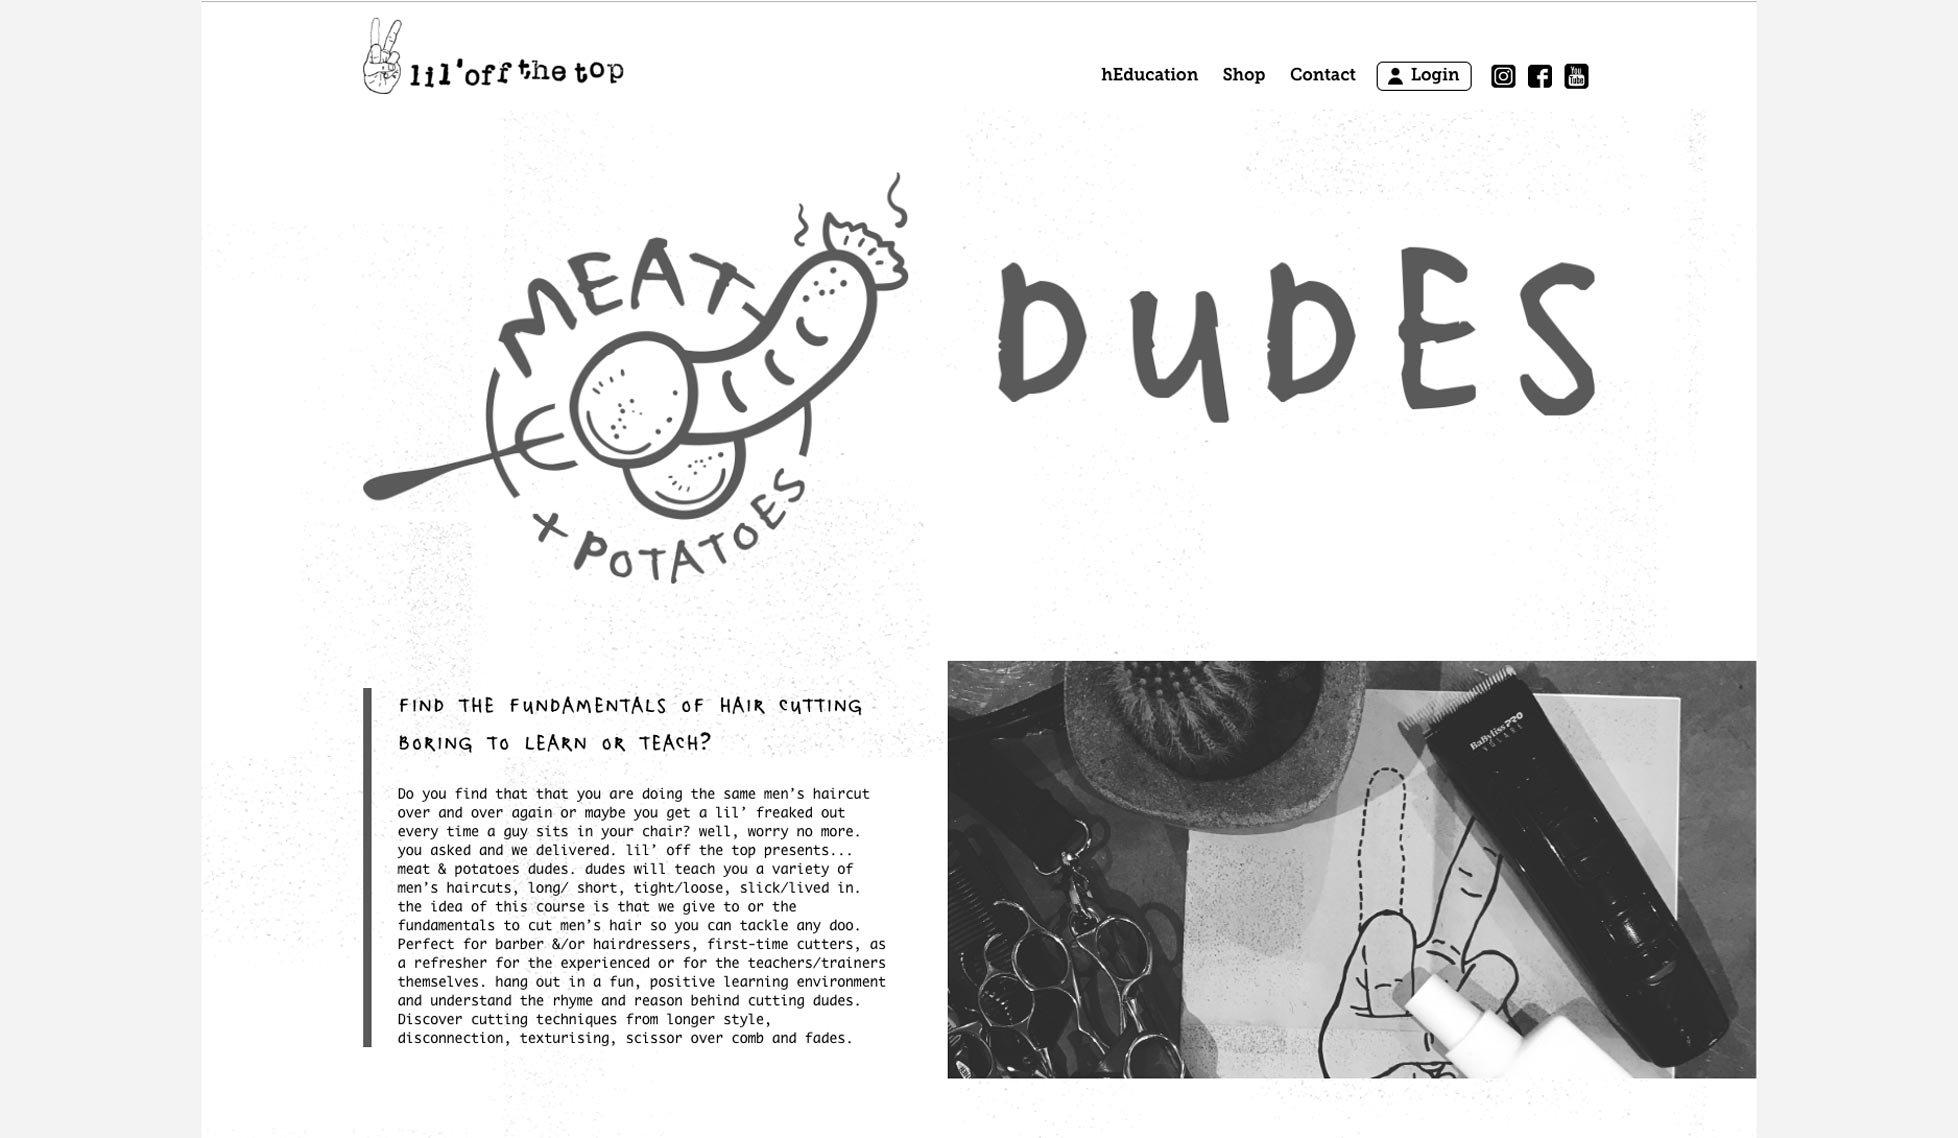 lott-website-screenshot-2